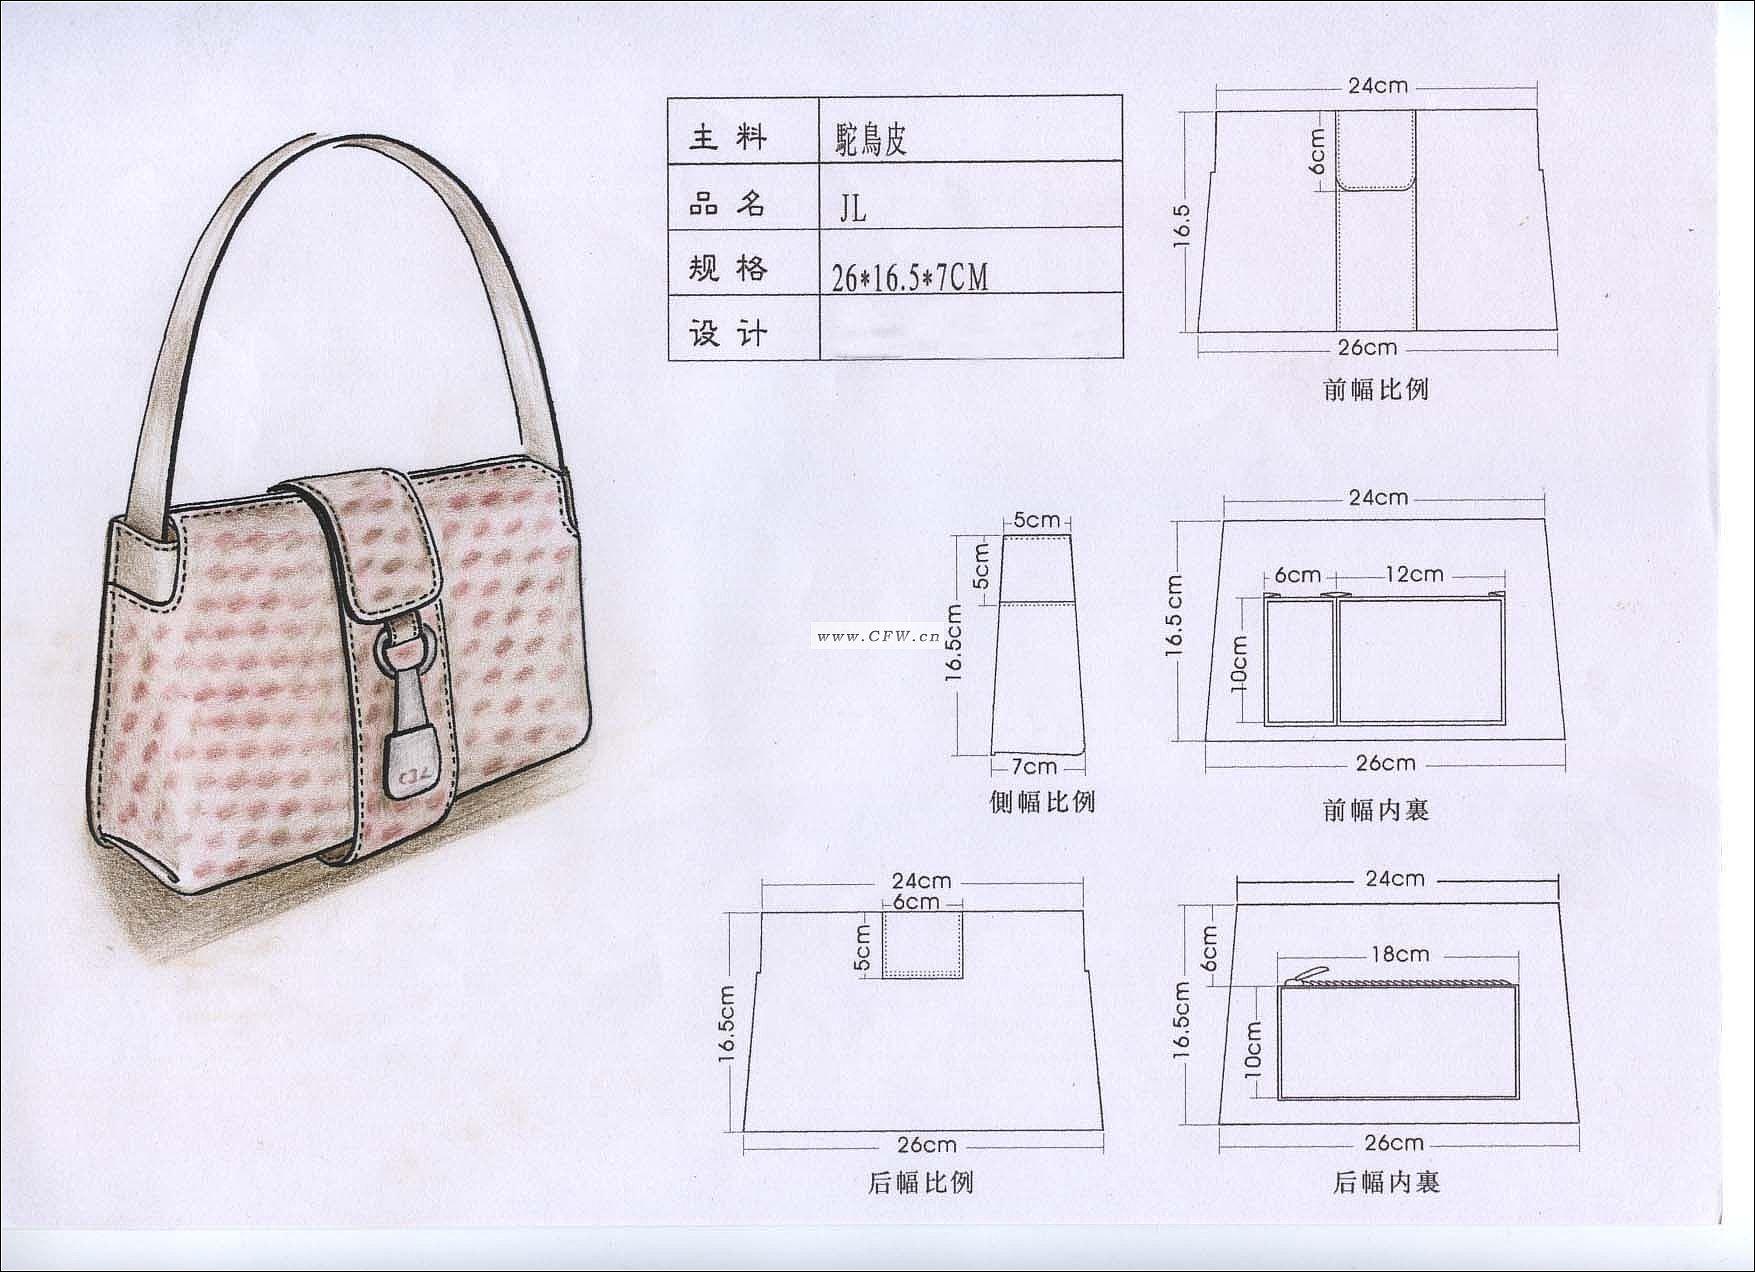 服装款式图手绘 a版服装款式图手绘 服装款式效果